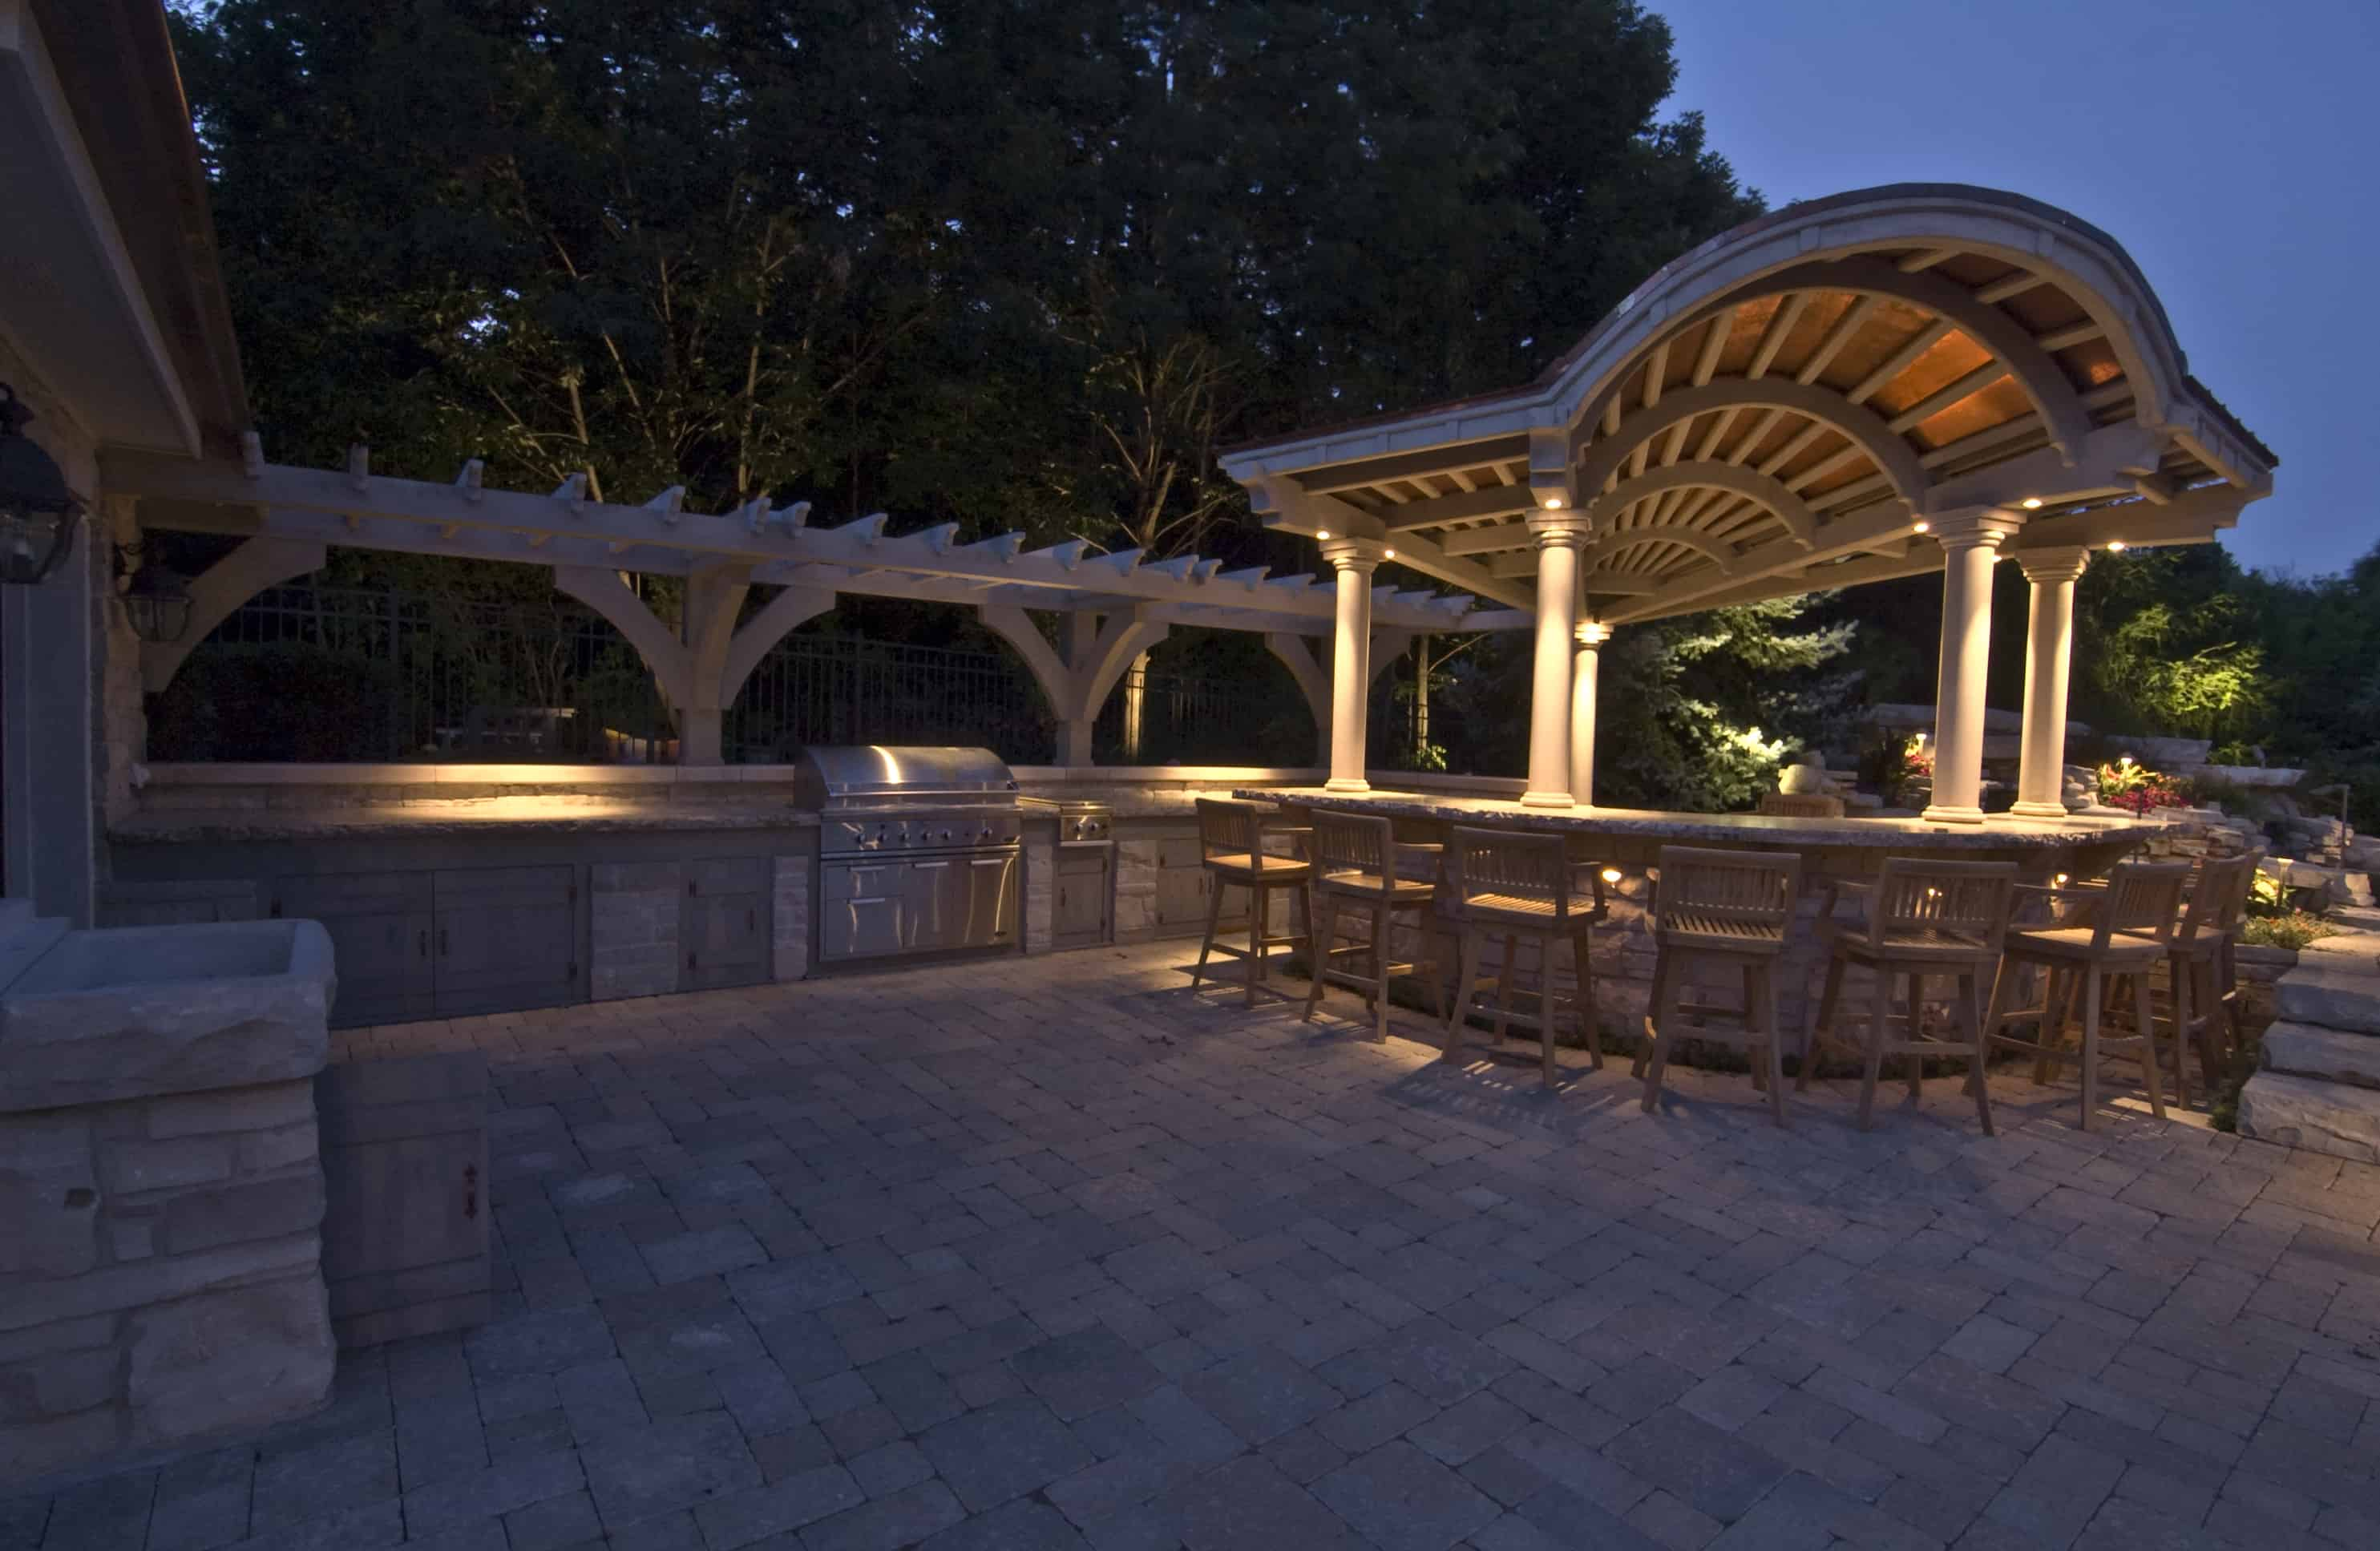 lemont outdoor kitchen lighting